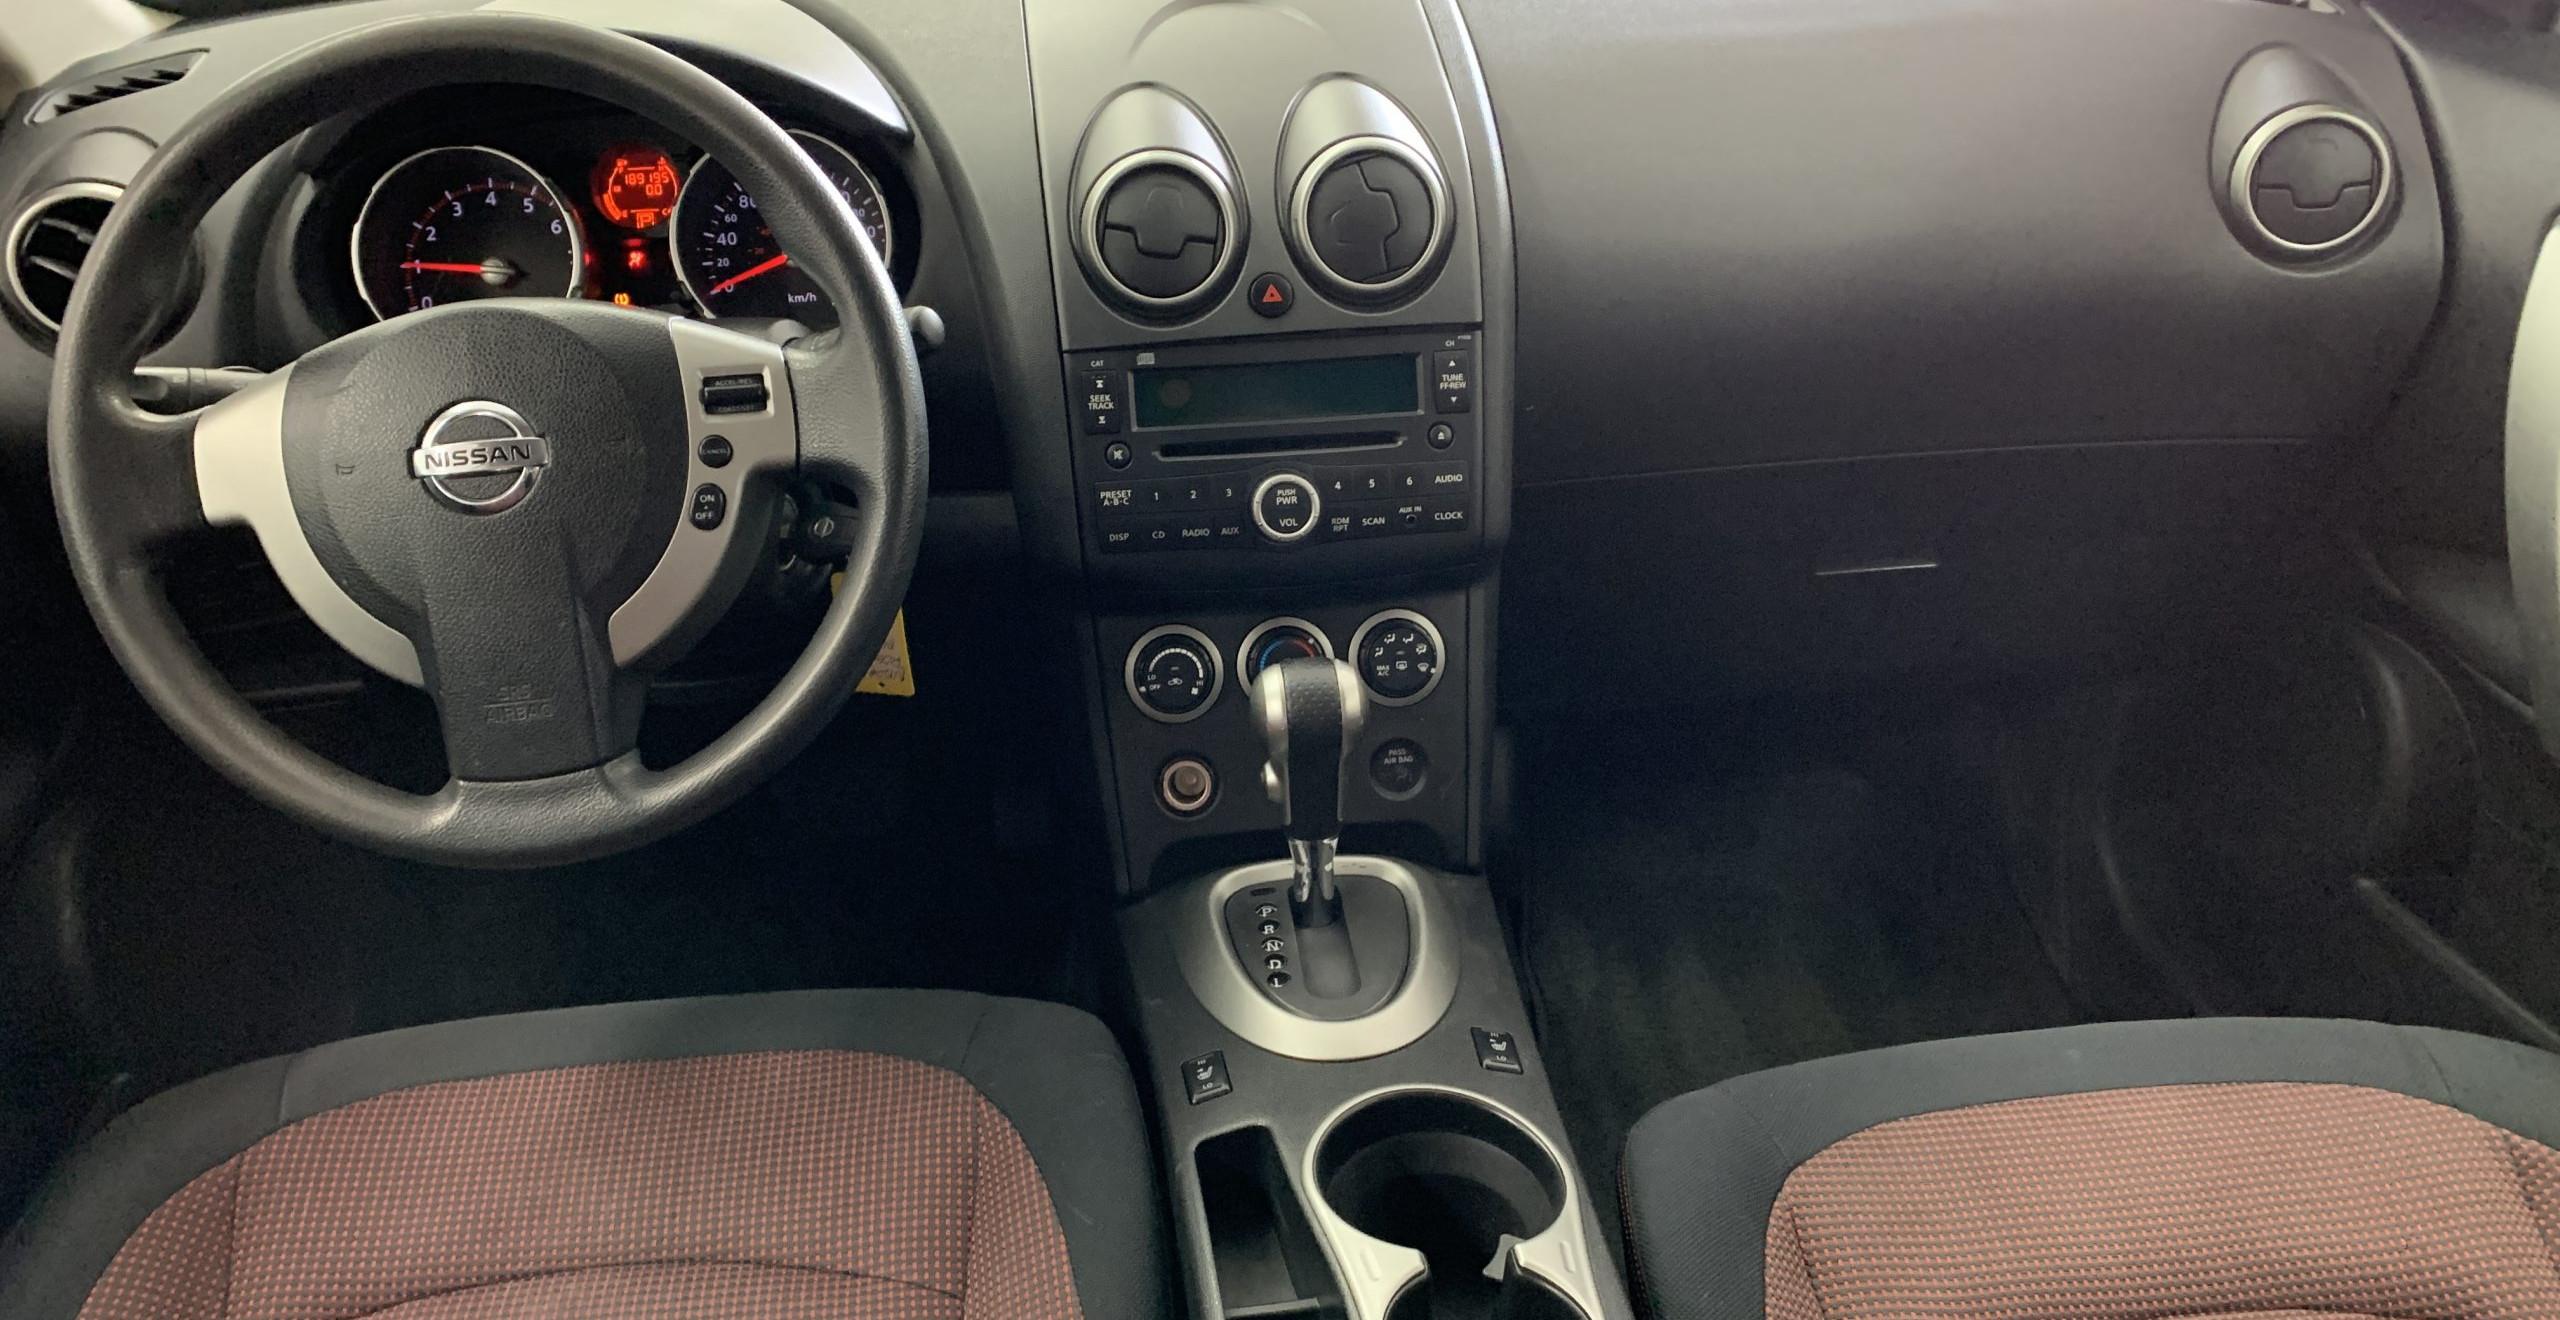 Nissan Rogue SL 2009 noir